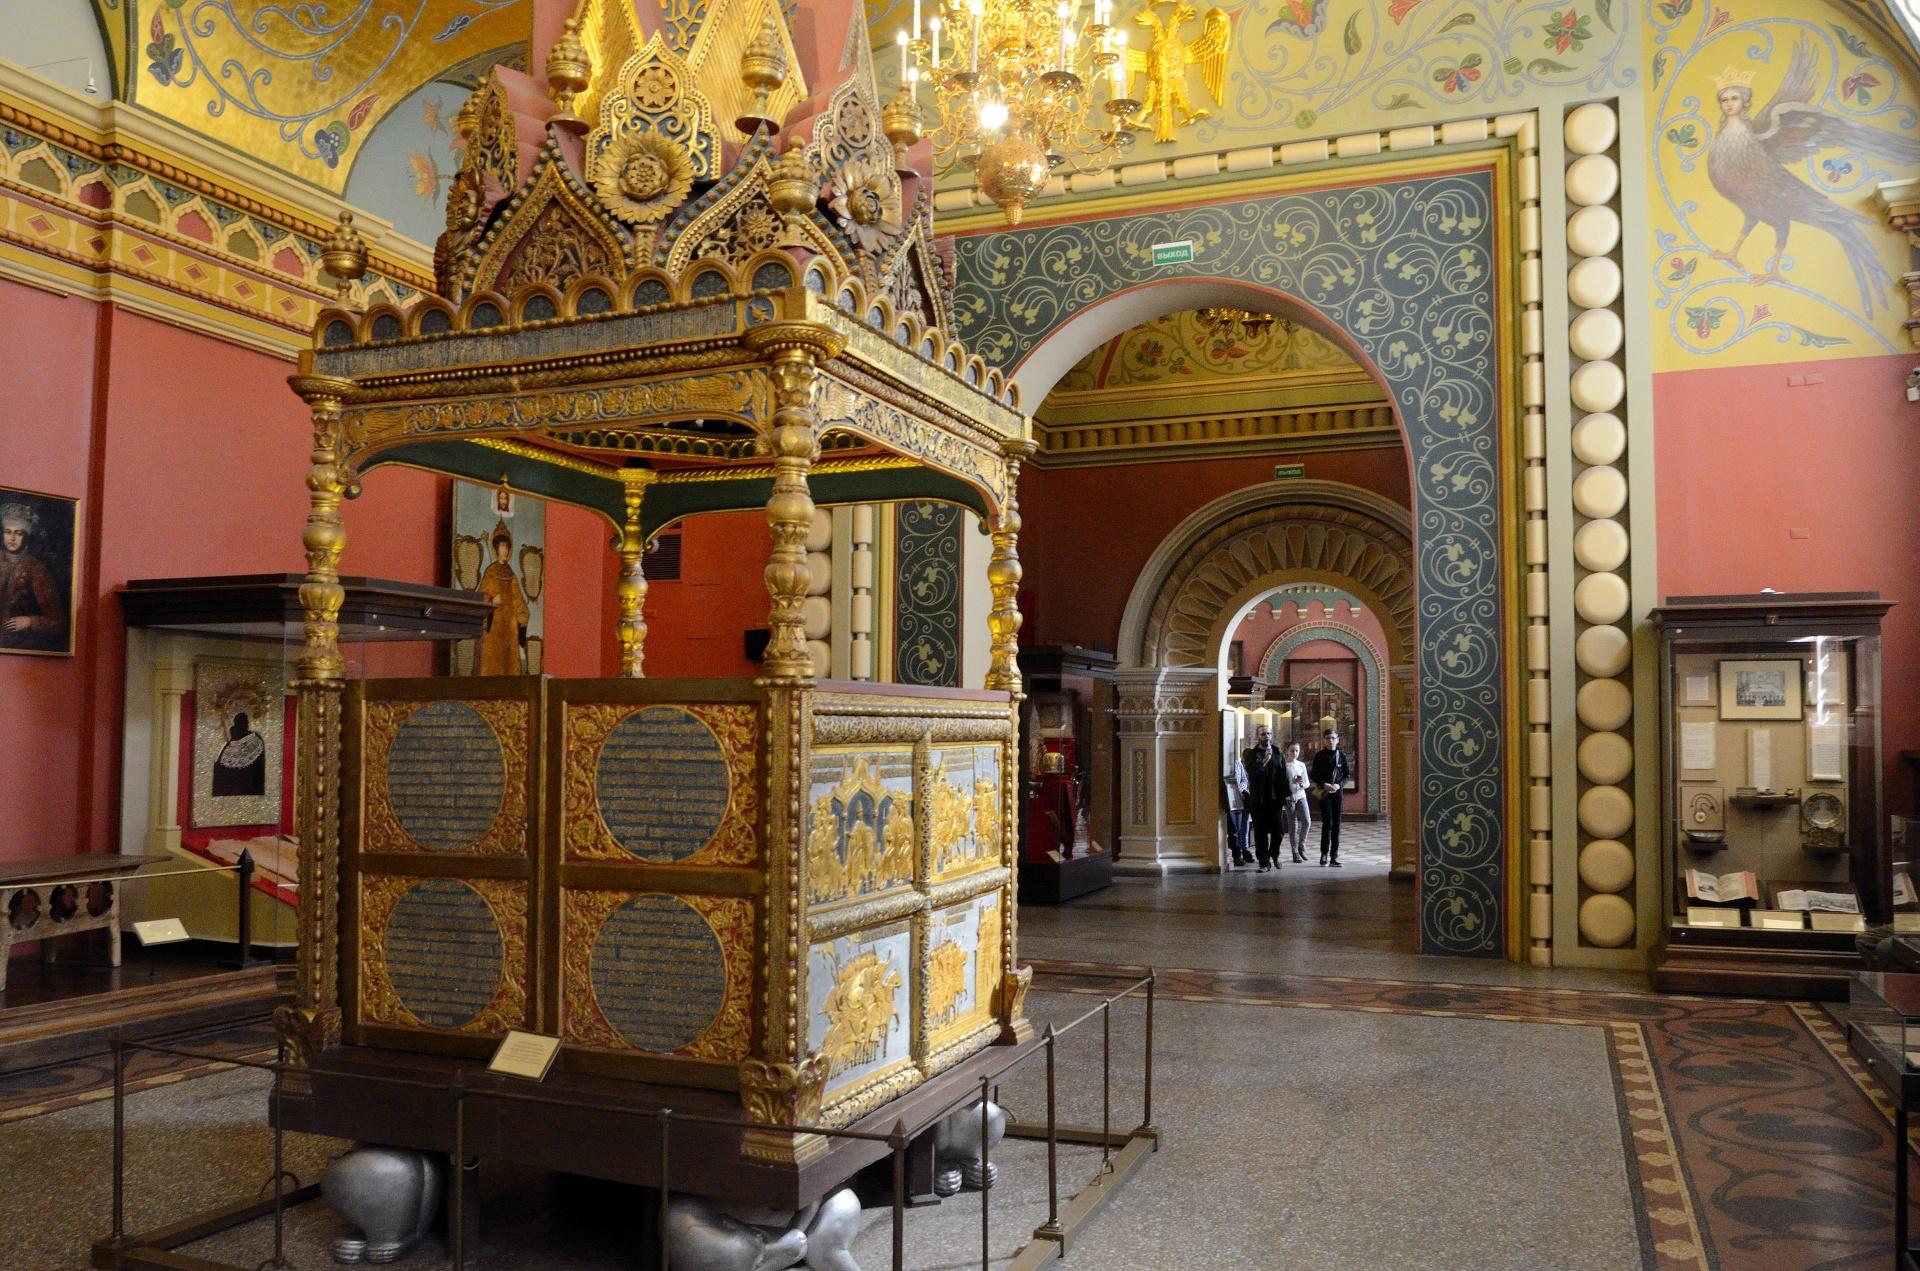 День рождения, картинки музеи москвы